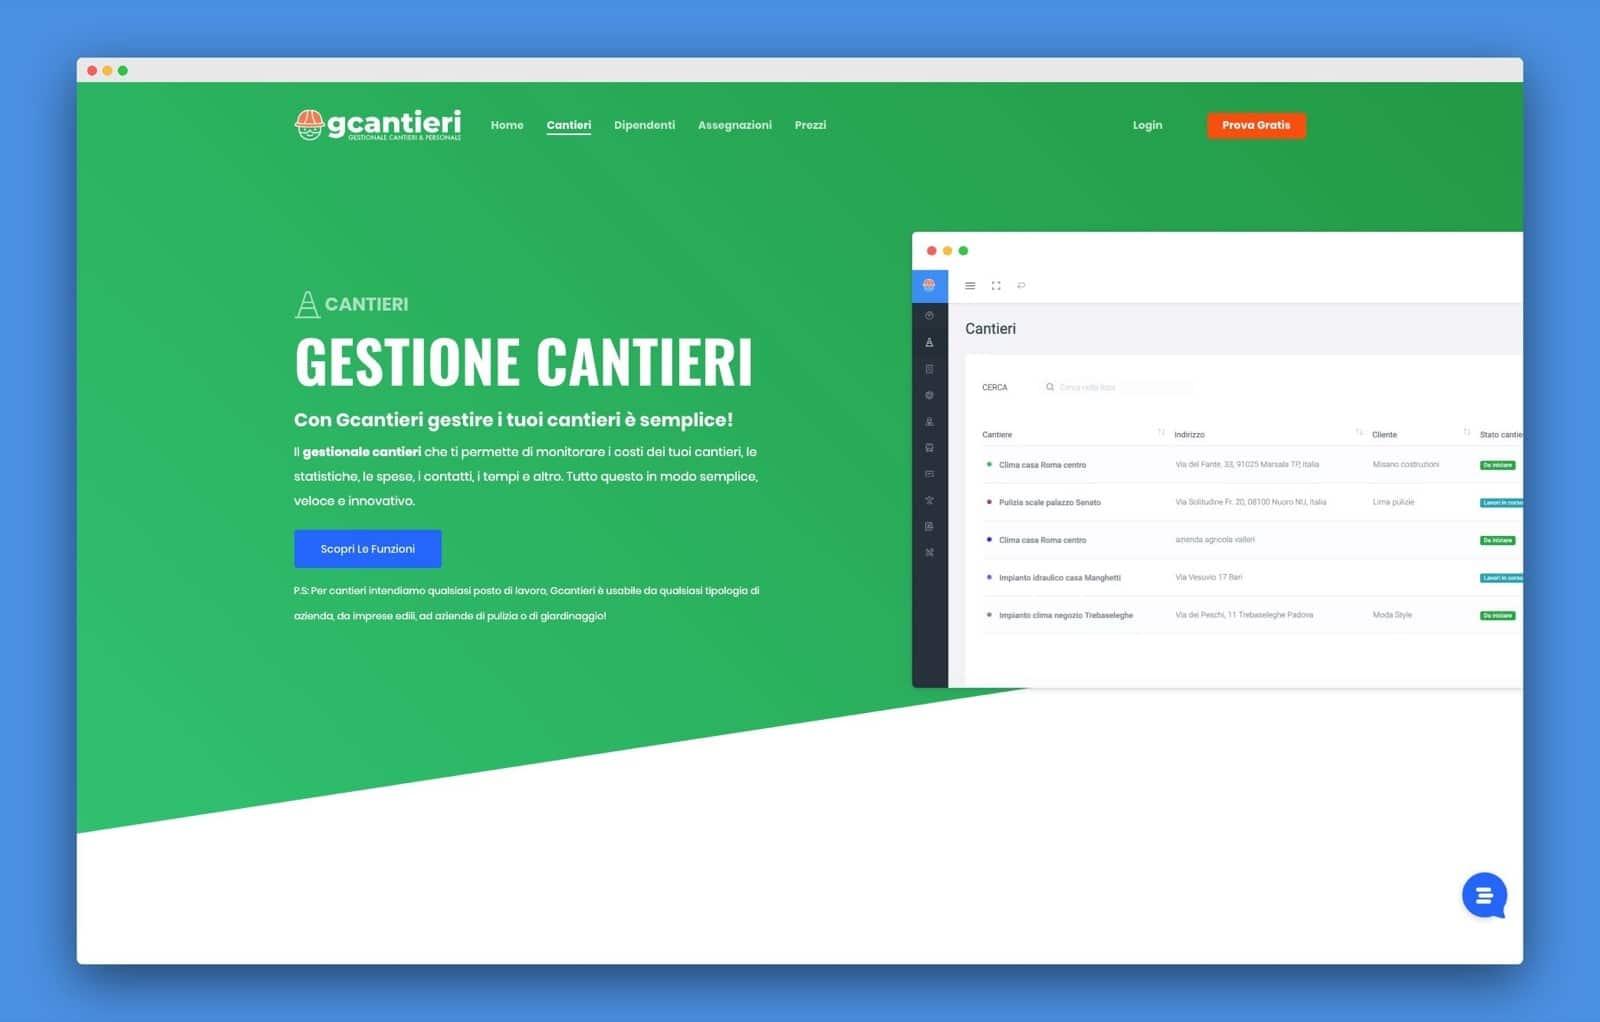 teroro progetto gcantieri realizzazione sito internet 6 - Gcantieri - Gestionale Cantieri e Personale